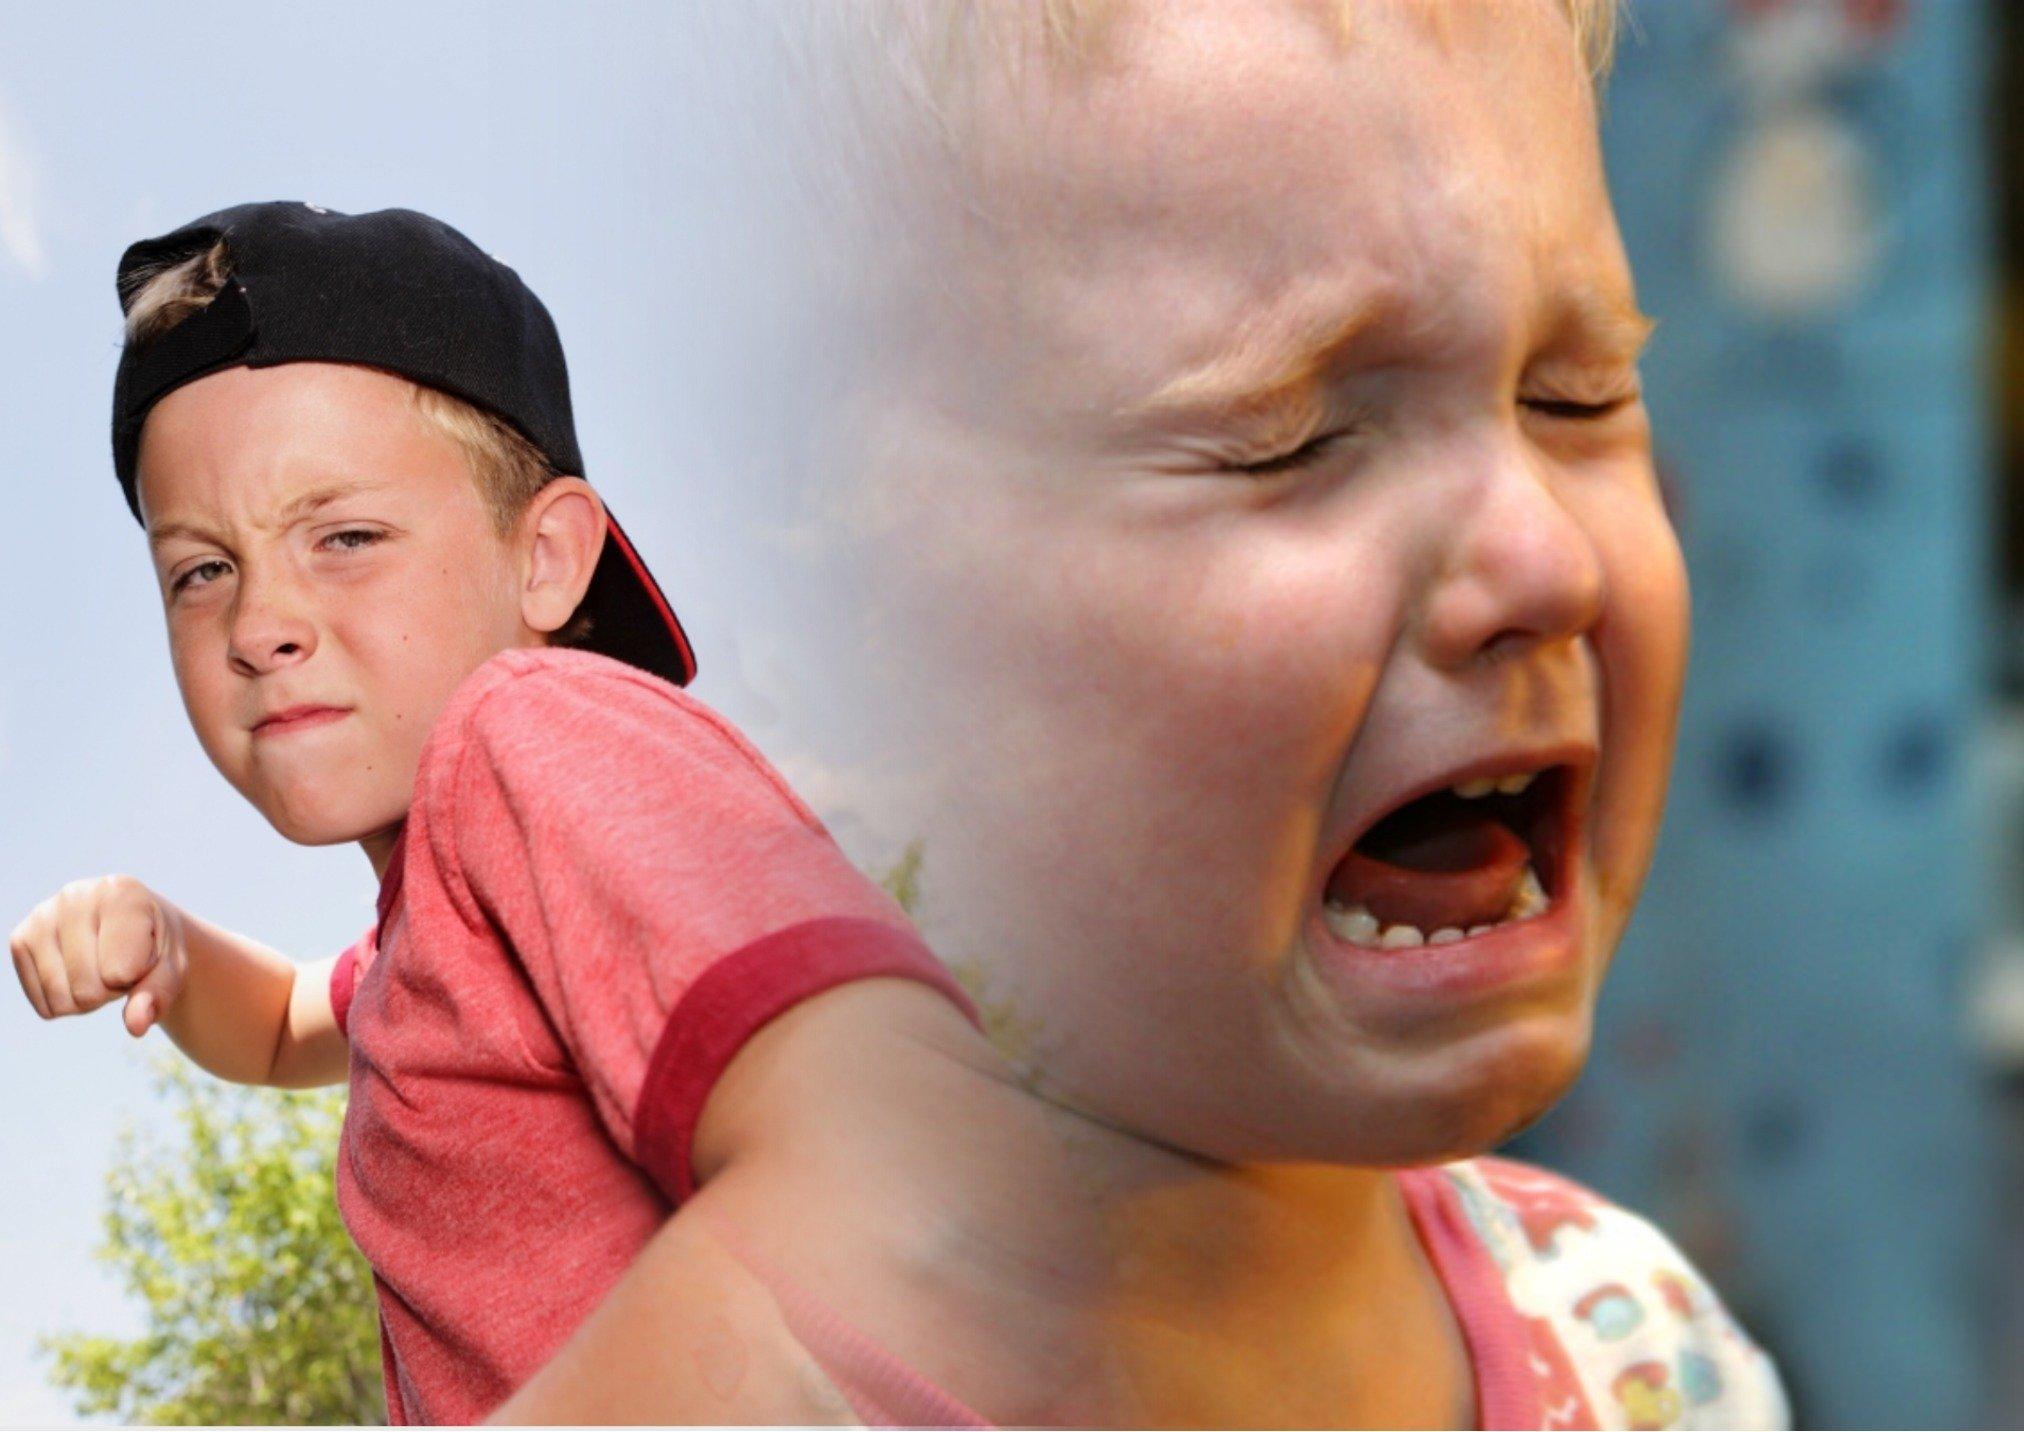 старший обижает младшего картинки радость чтобы детки